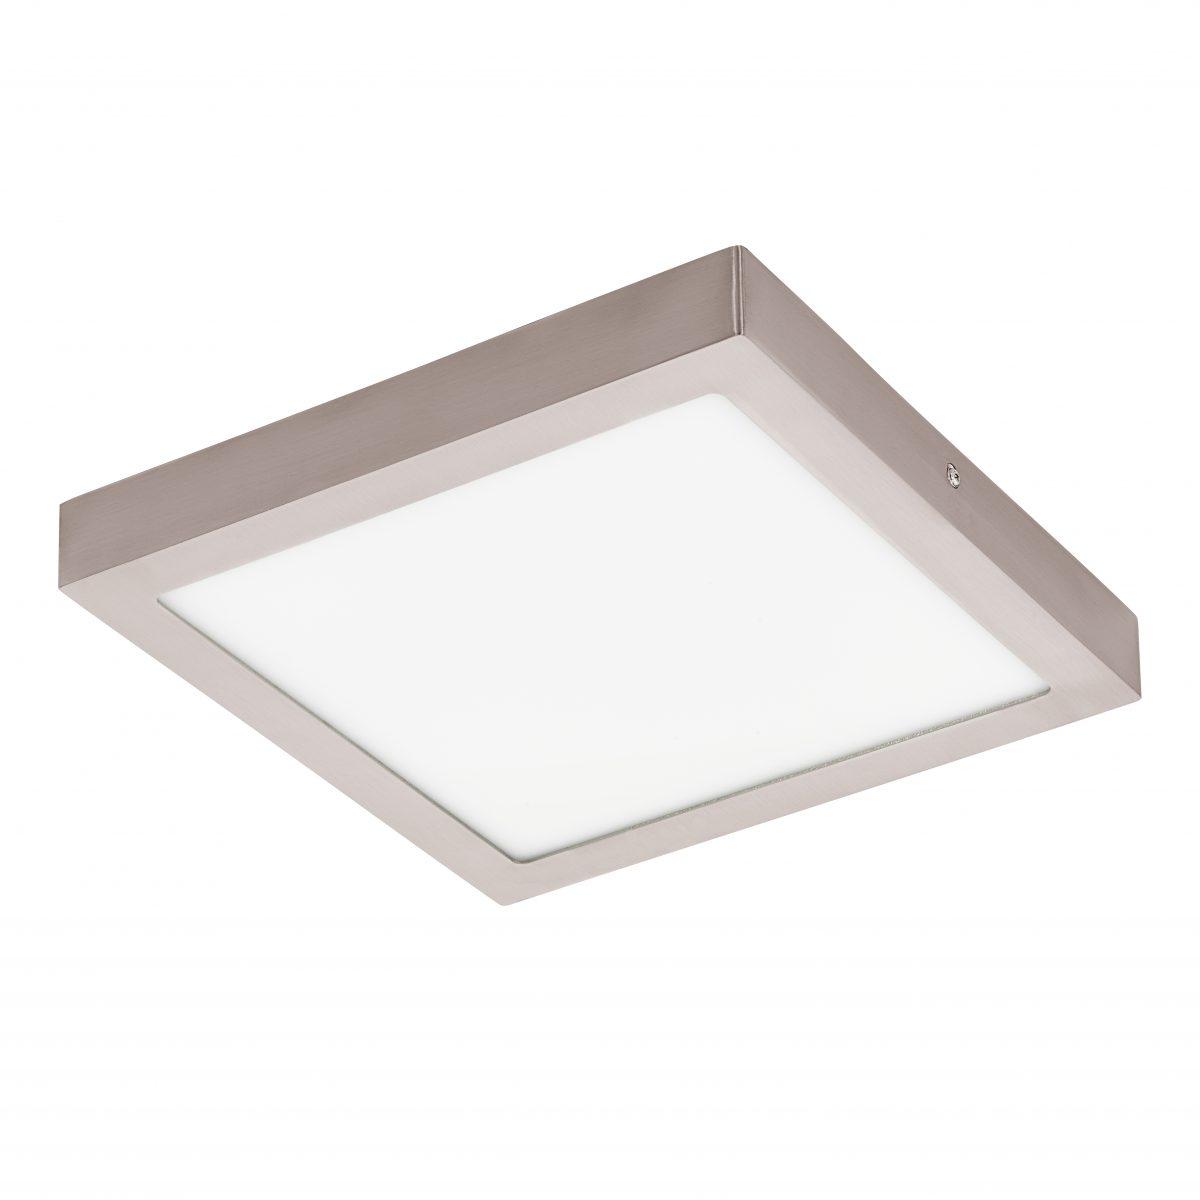 Светильник настенно-потолочный FUEVA 1 EGLO 94528 - Фото №28